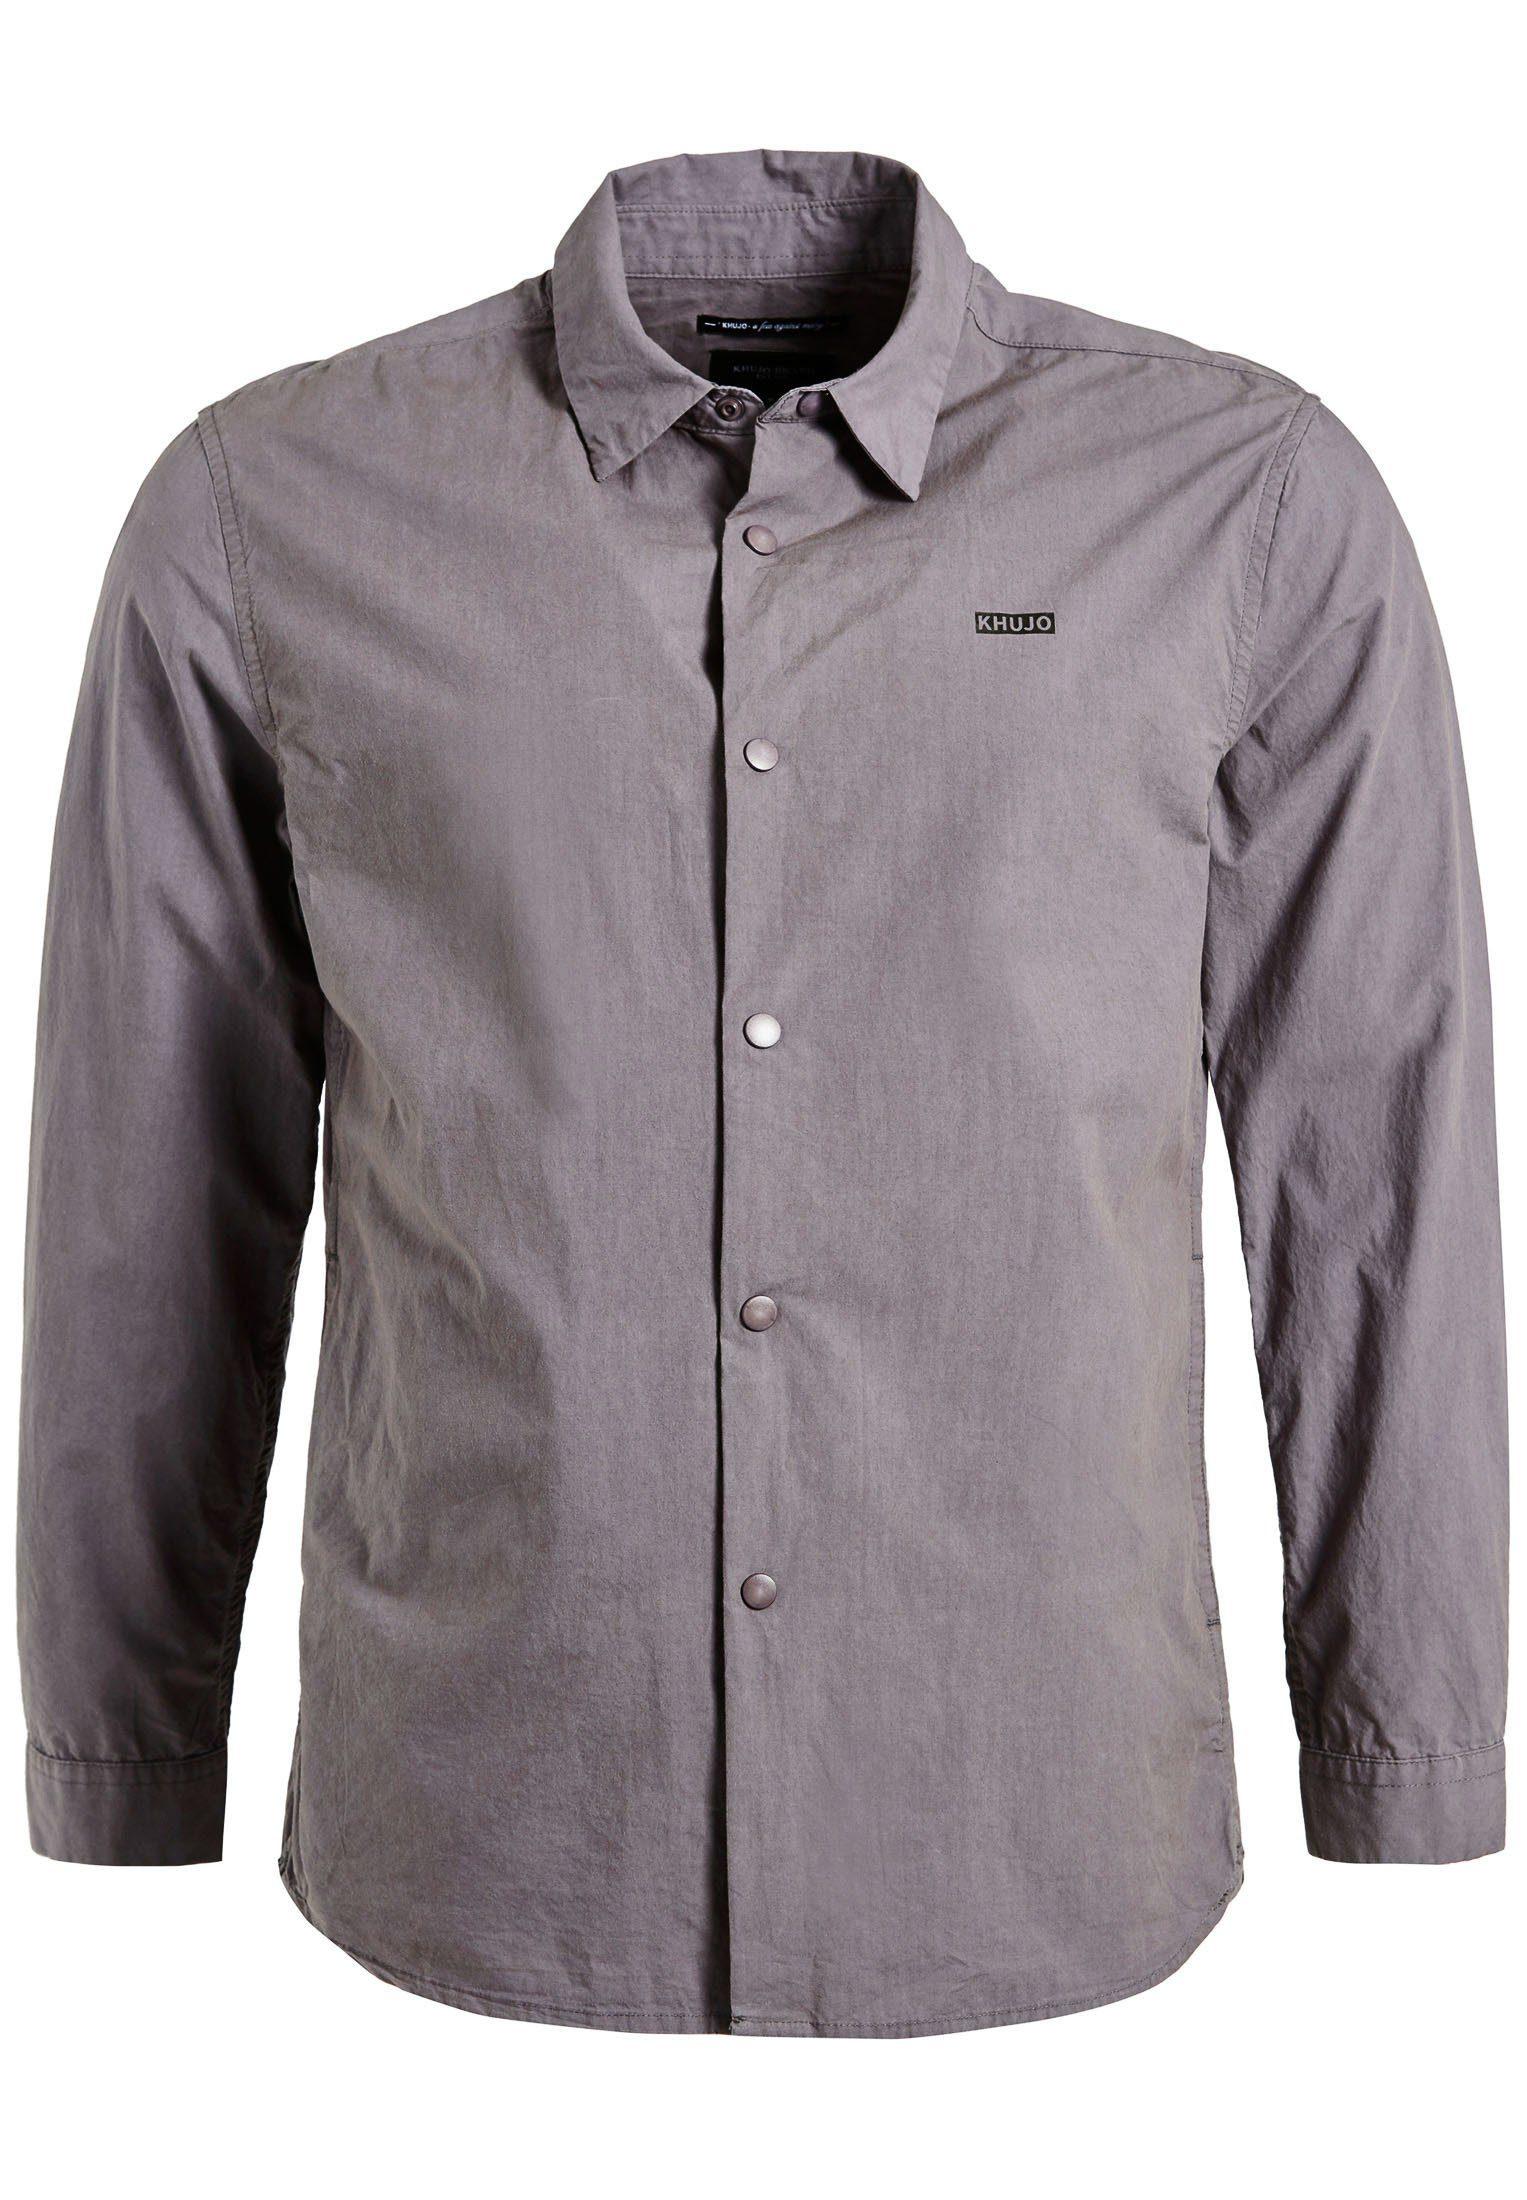 Mit Kaufen Seitlichen Khujo Online »racker« Langarmhemd Eingrifftaschen nwN8vm0O